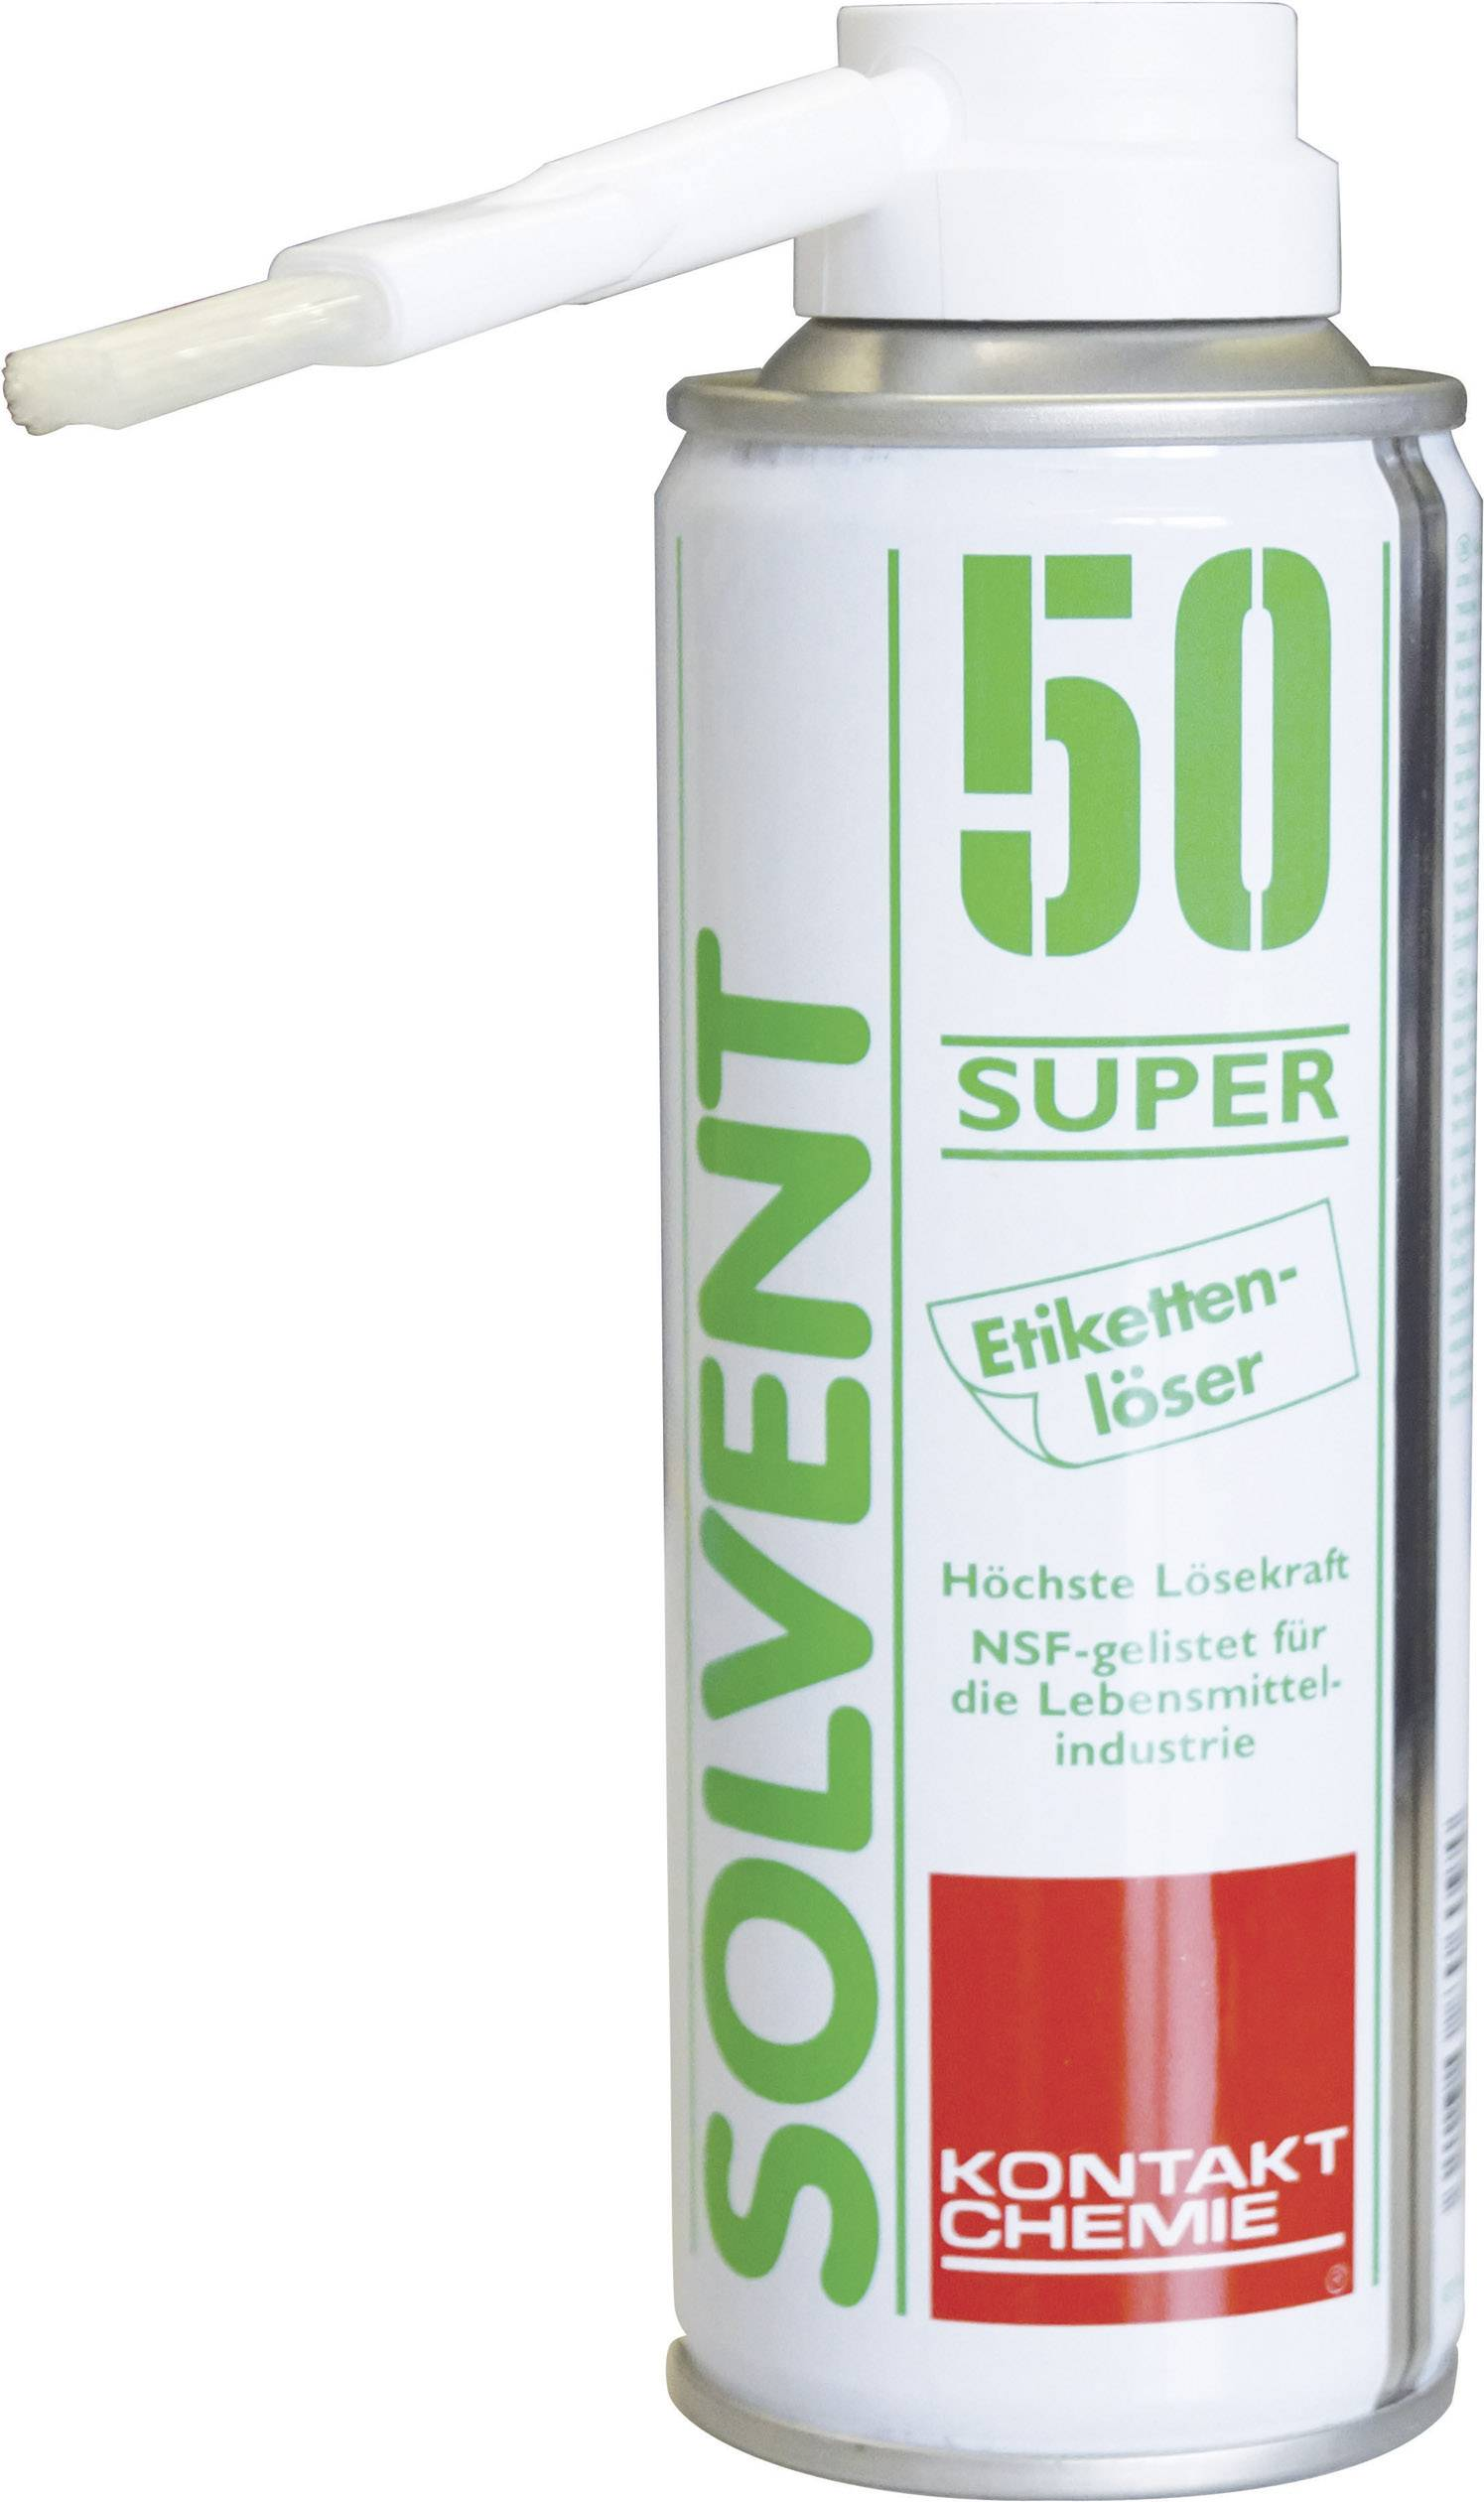 Rozpouštěcí odstraňovač etiket CRC Kontakt Chemie SOLVENT 50 SUPER 80609-DE, 200 ml